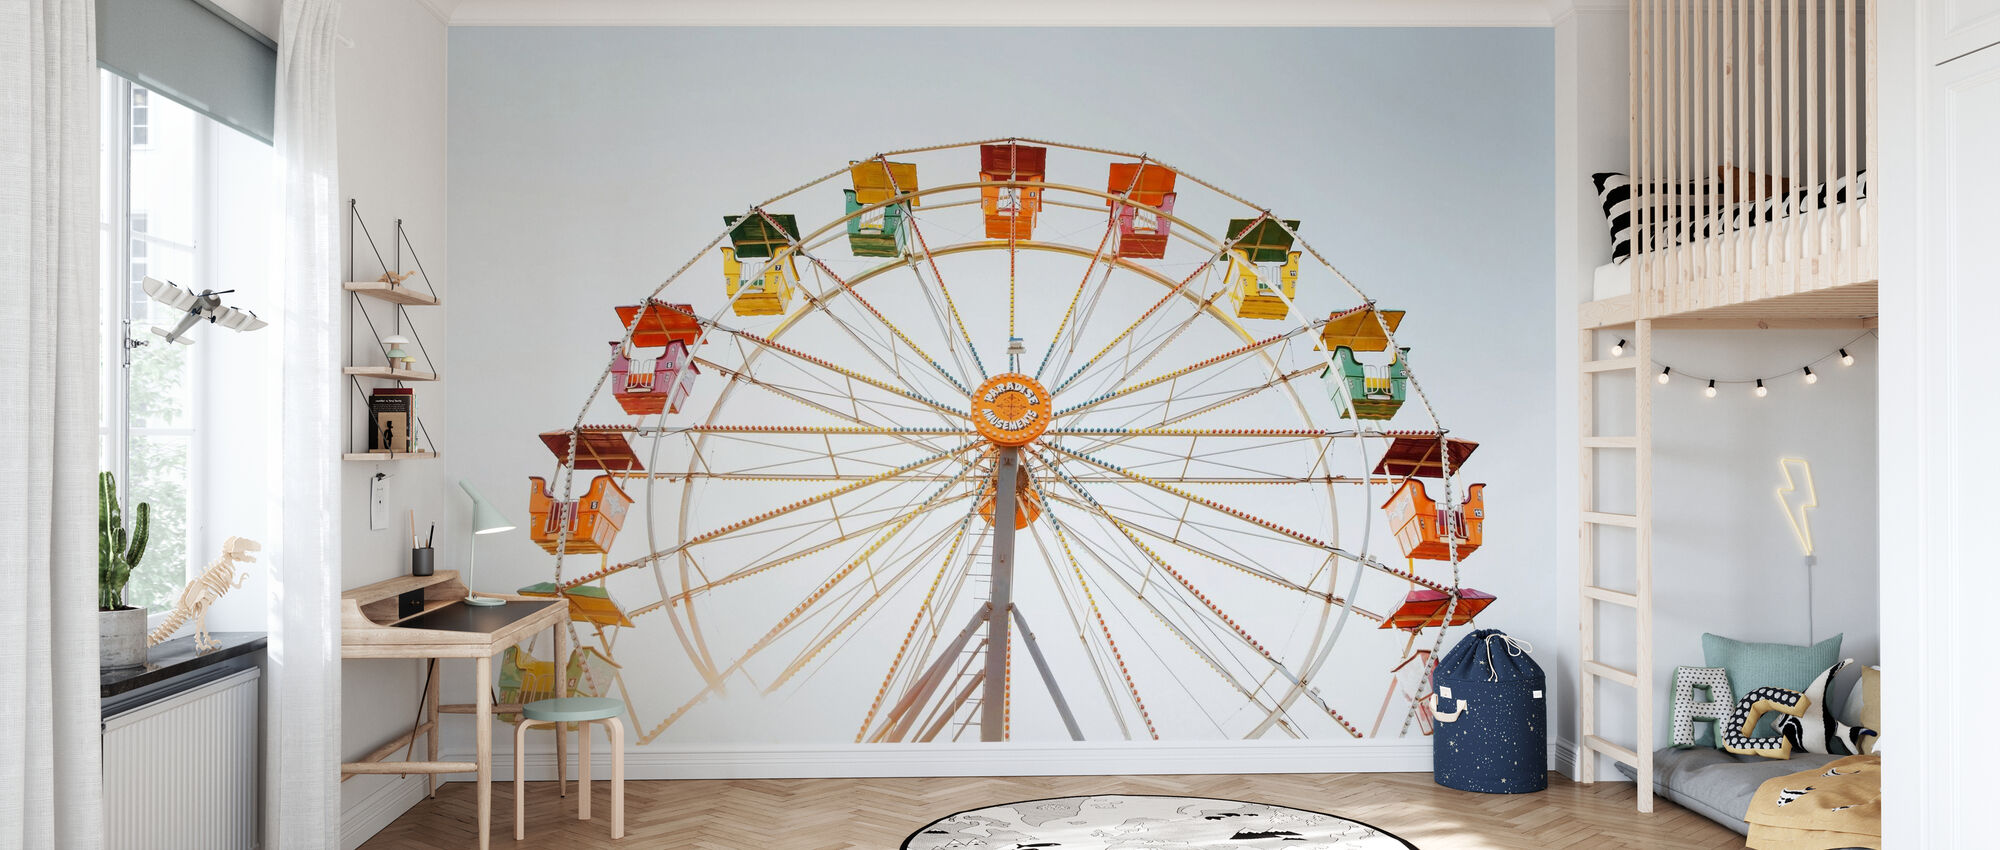 Parque de atracciones Noria - Papel pintado - Cuarto de niños